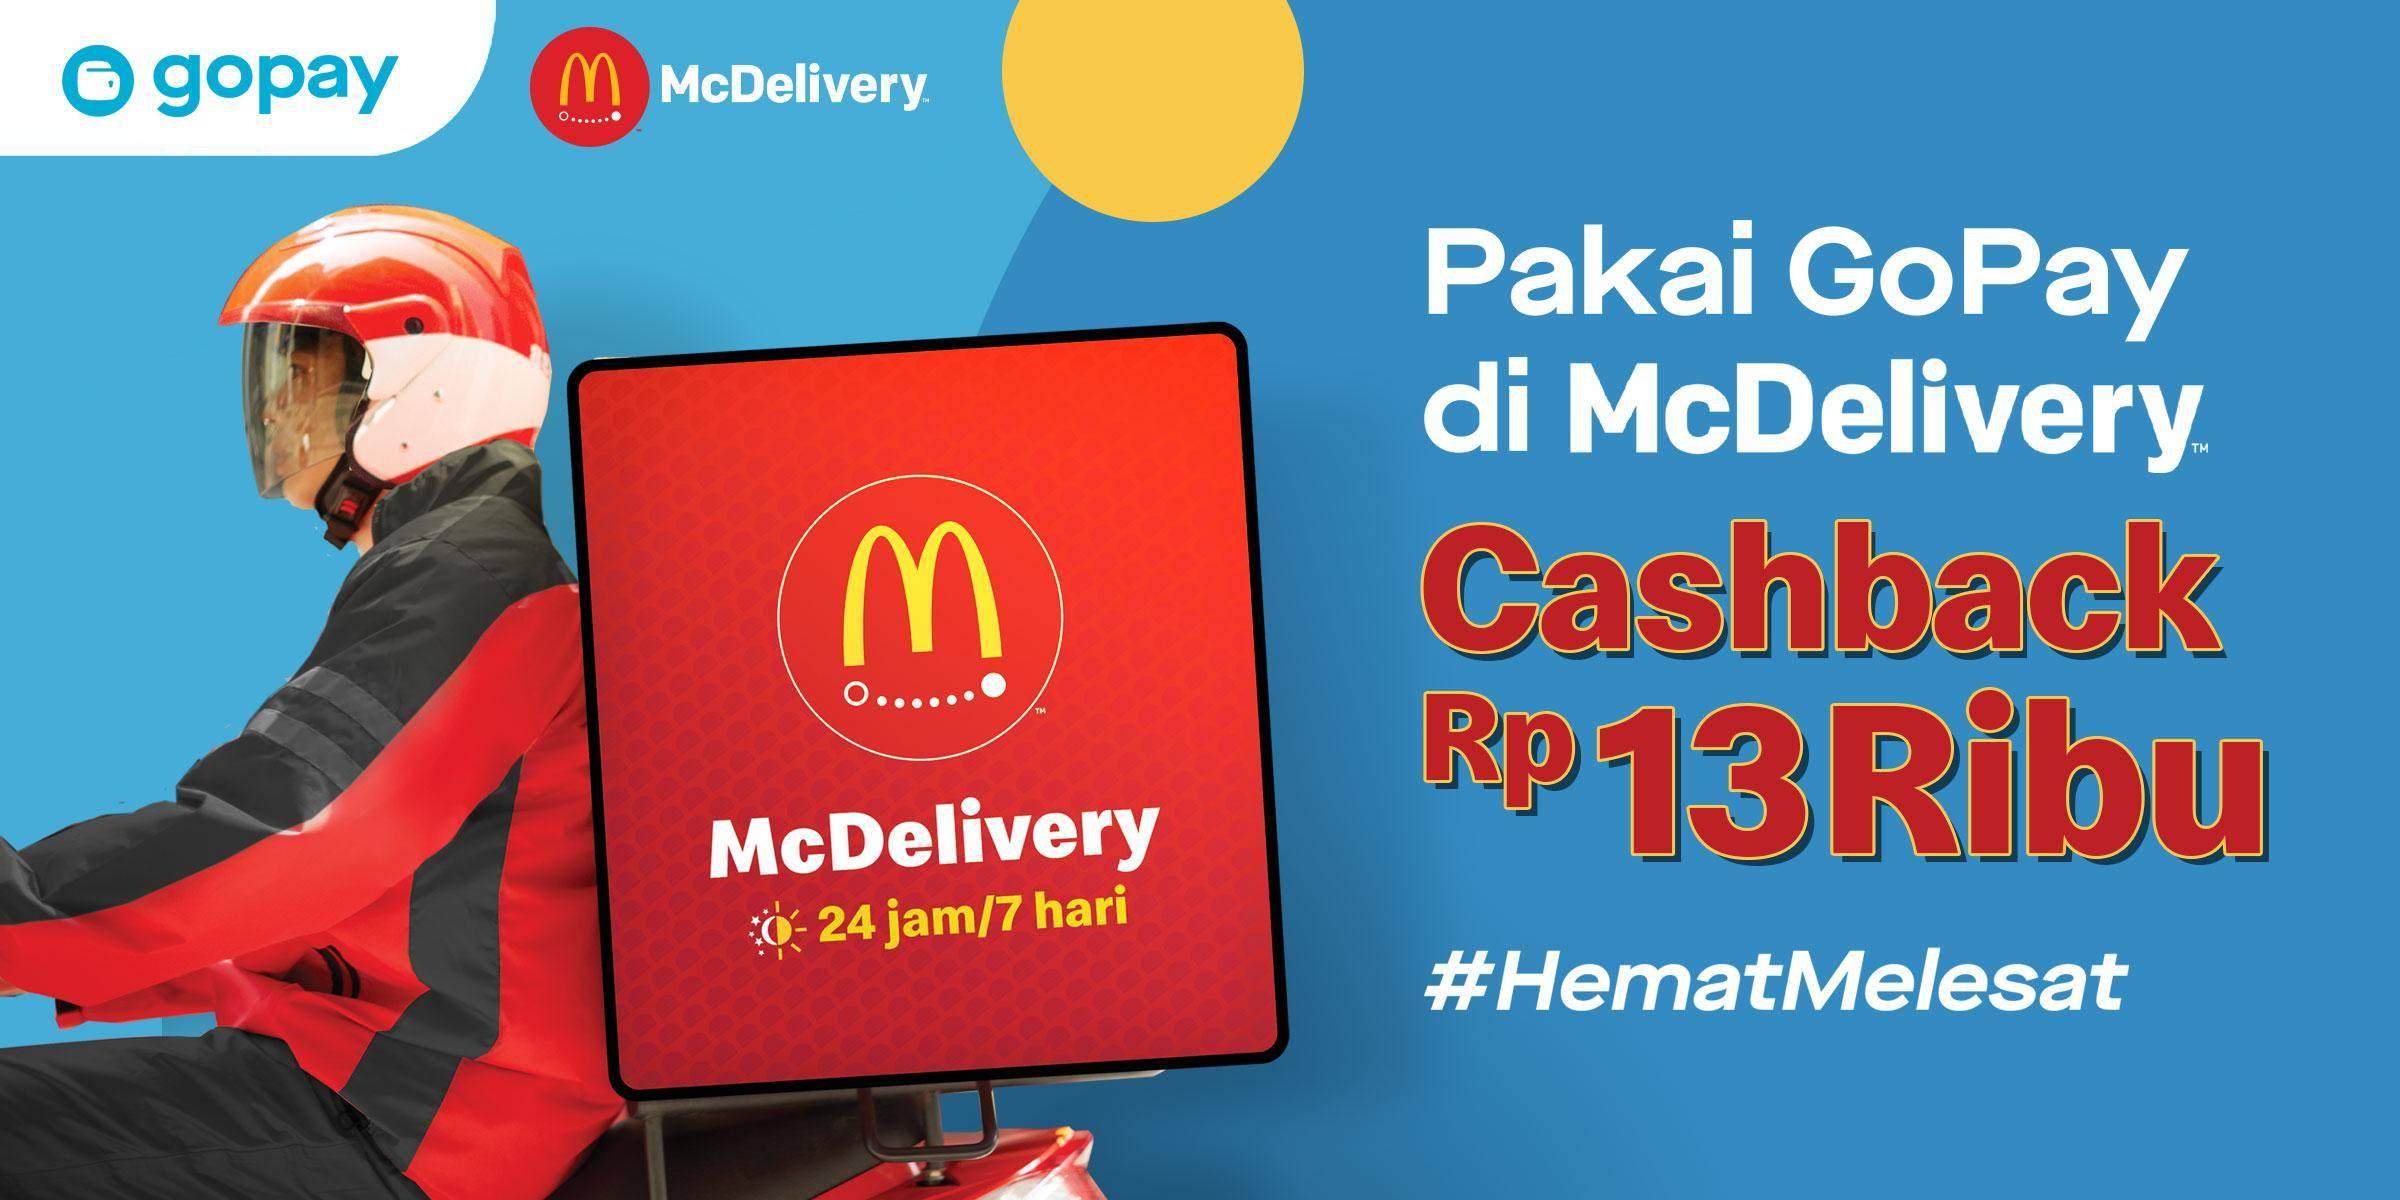 McDonalds Promo Cashback Rp. 13.000 Untuk Transaksi Menggunakan GoPay App